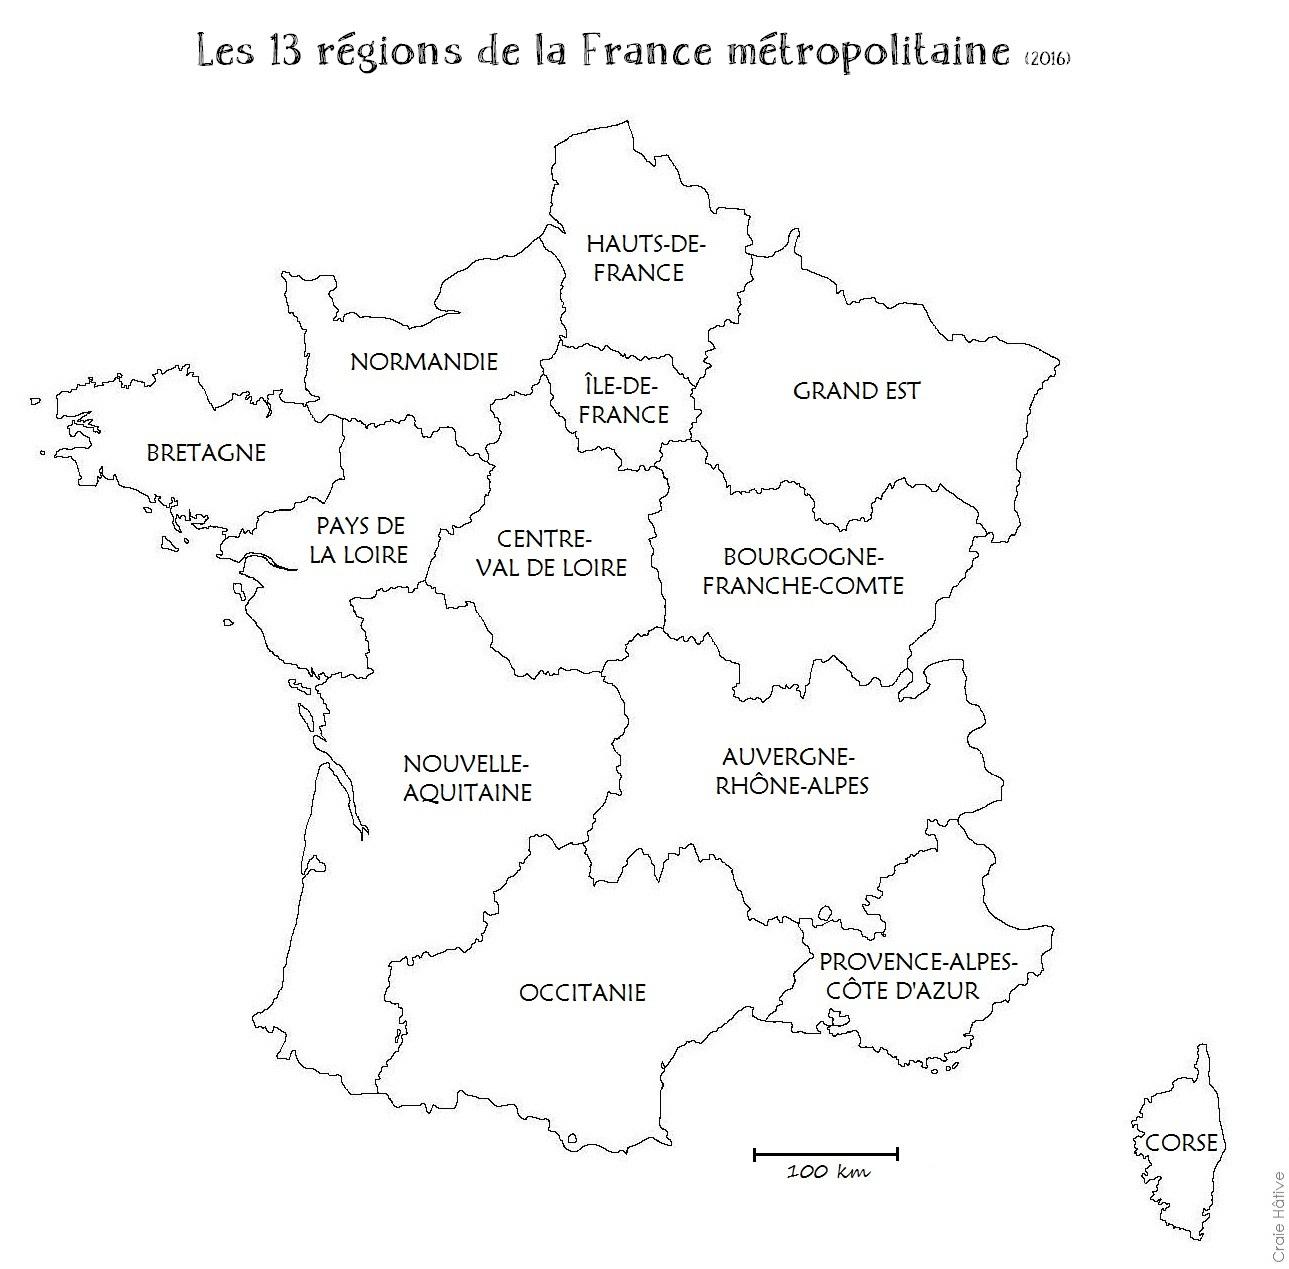 Cartes Des Régions De La France Métropolitaine - 2016 destiné Carte Région France 2017